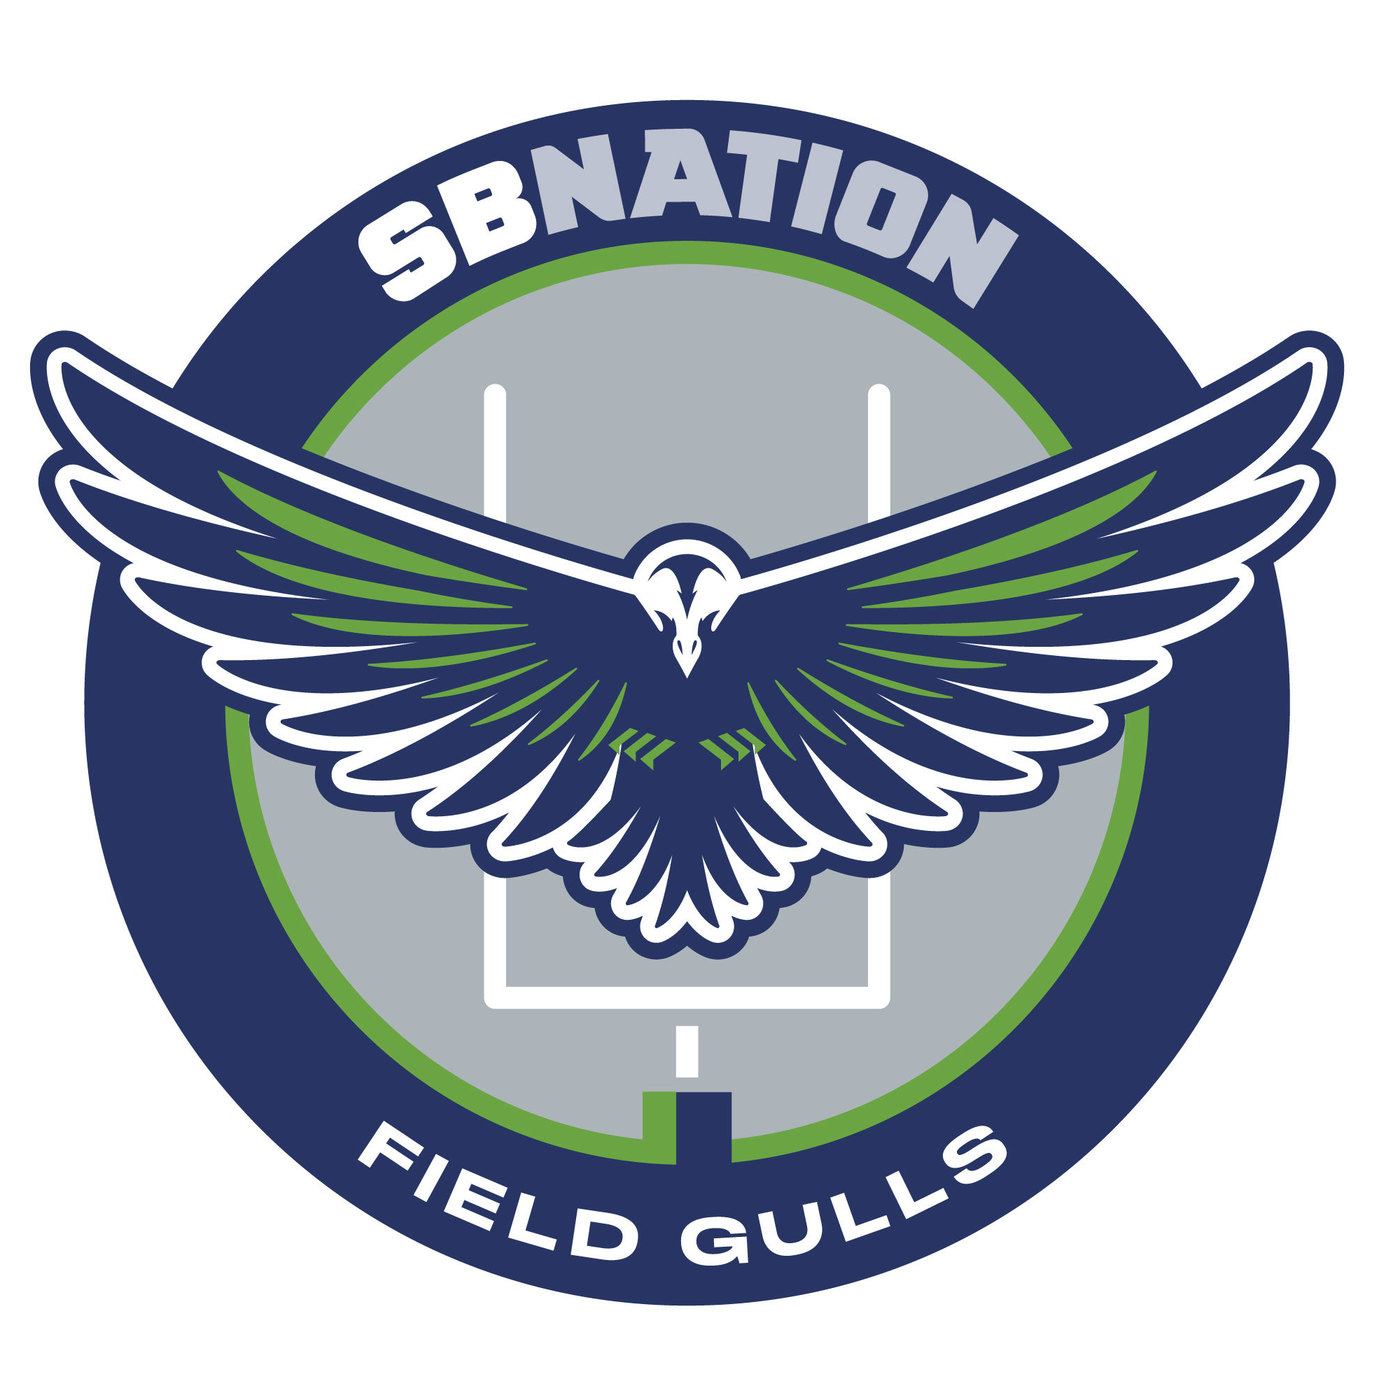 Field Gulls: for Seattle Seahawks fans